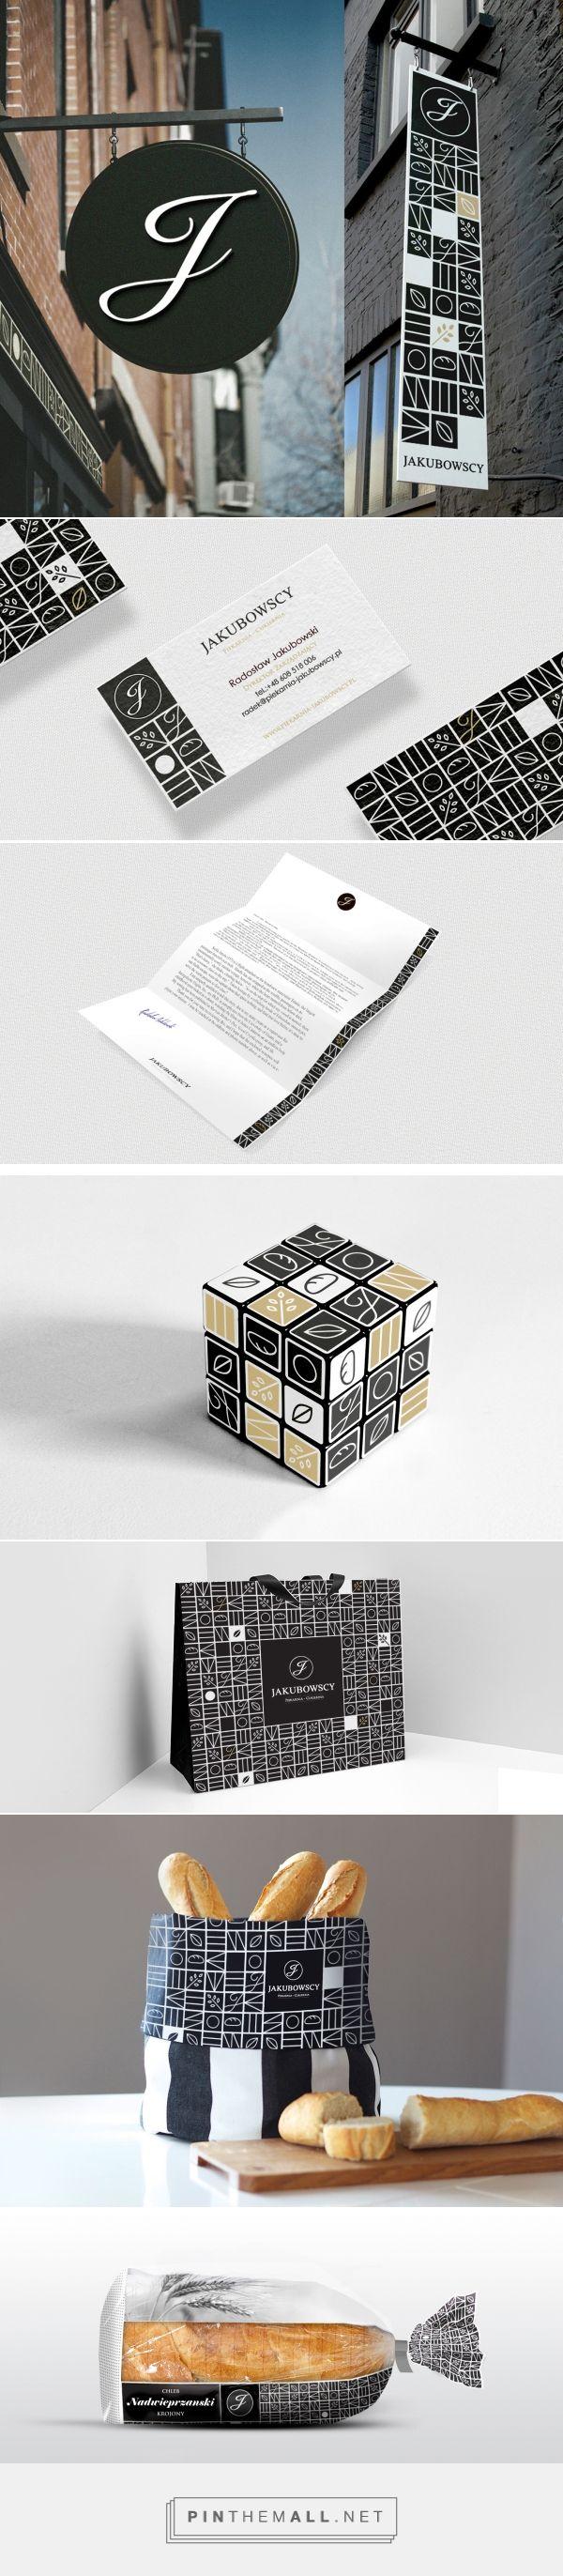 Piekarnia Jakubowscy :: Identyfikacja wizualna i budowanie marki - created via http://pinthemall.net